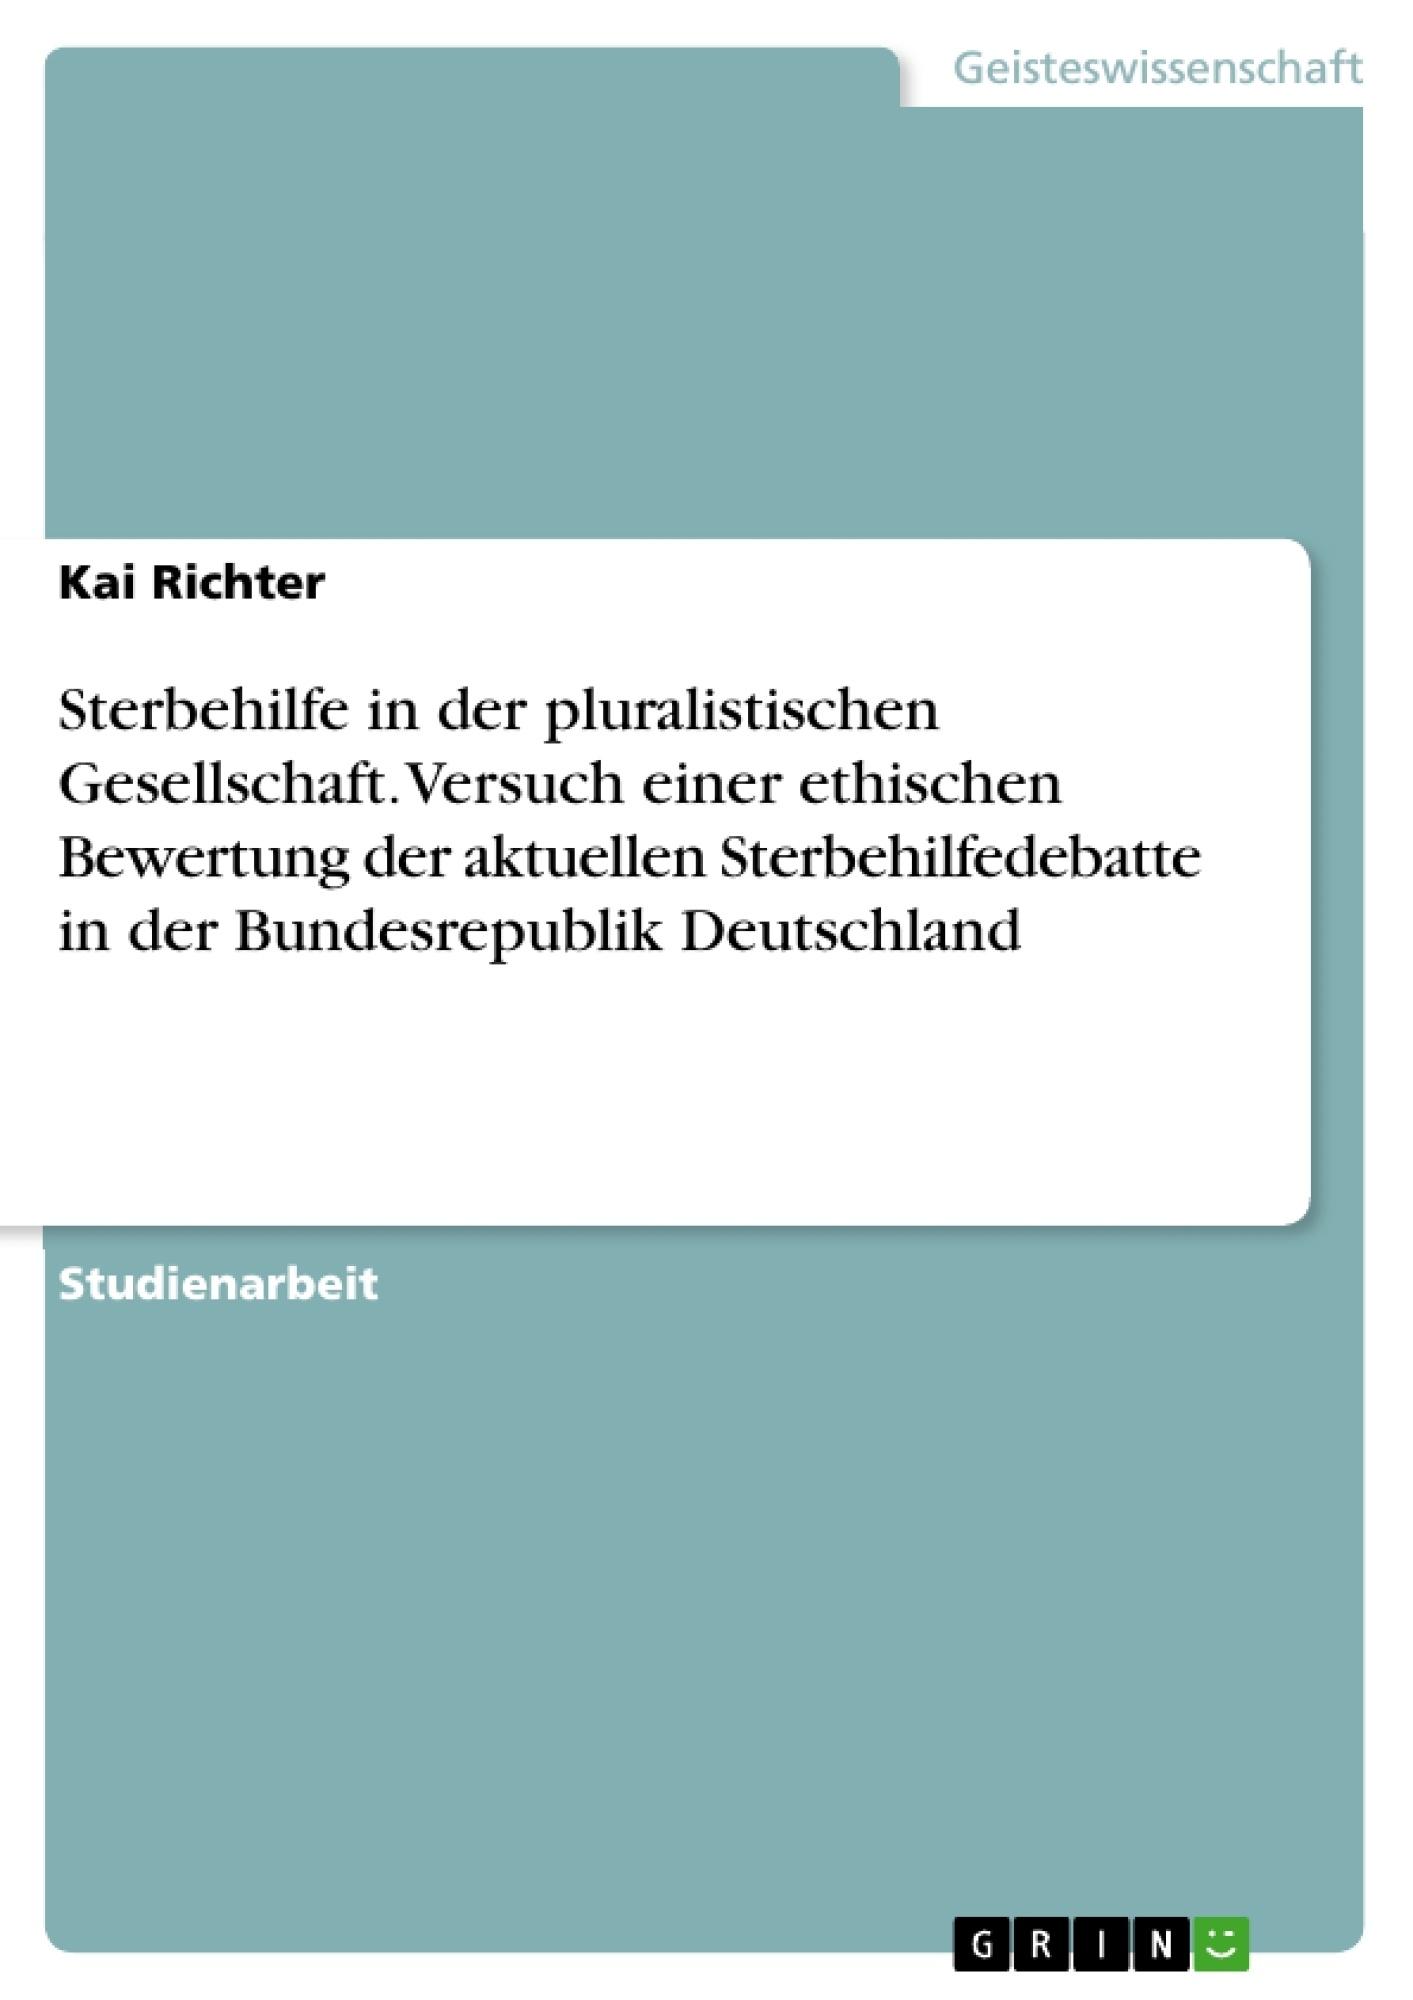 Titel: Sterbehilfe in der pluralistischen Gesellschaft. Versuch einer ethischen Bewertung der aktuellen Sterbehilfedebatte in der Bundesrepublik Deutschland